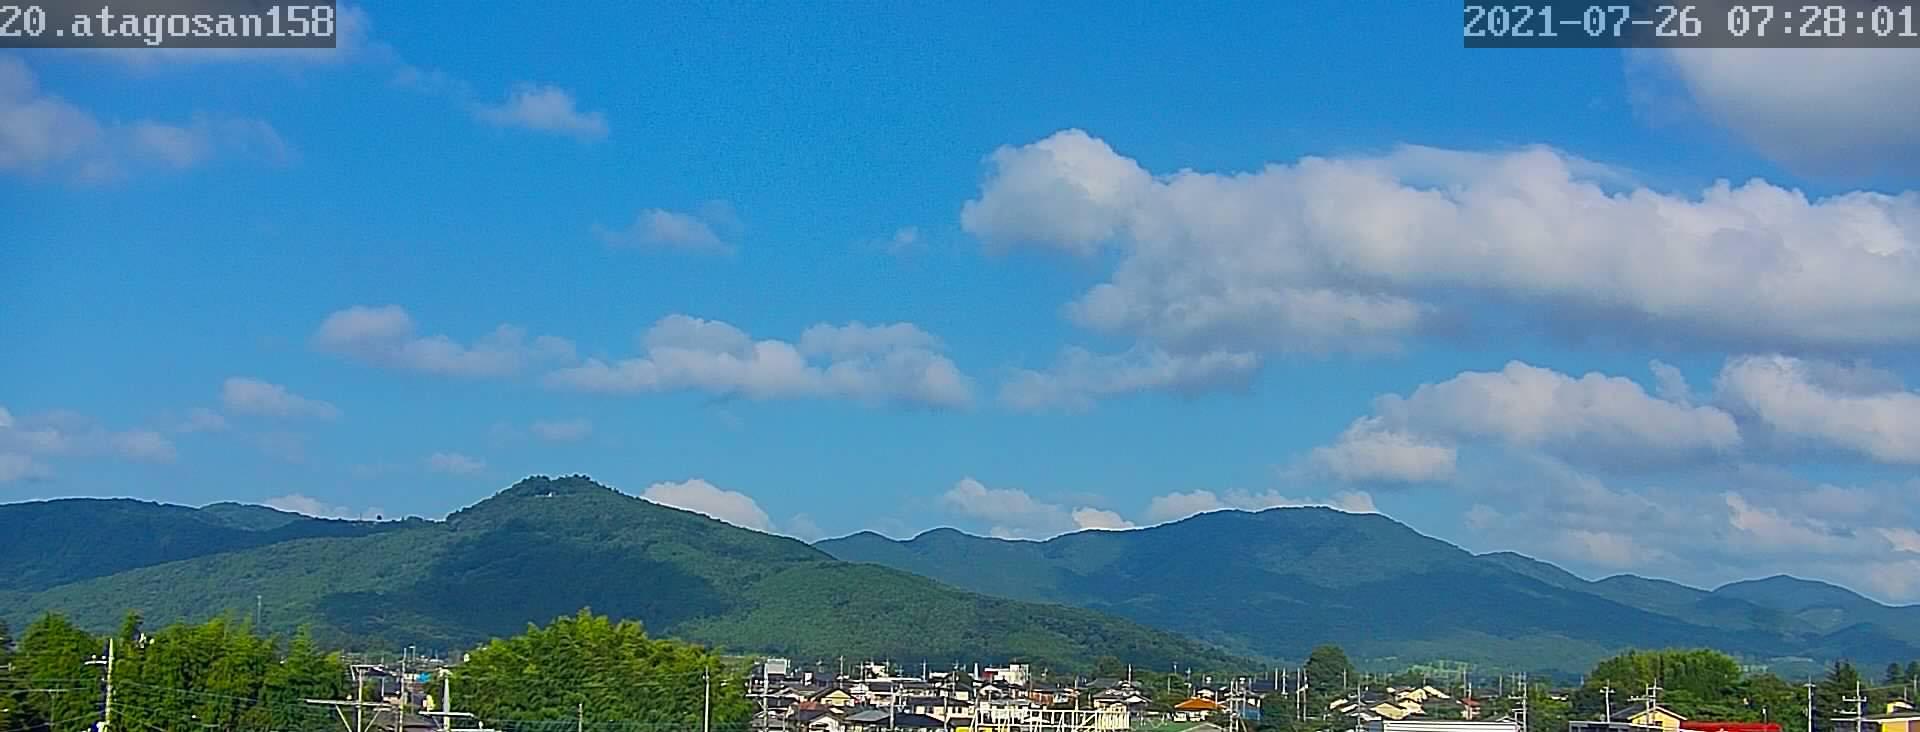 7月26日 天気の変わり目 79日目